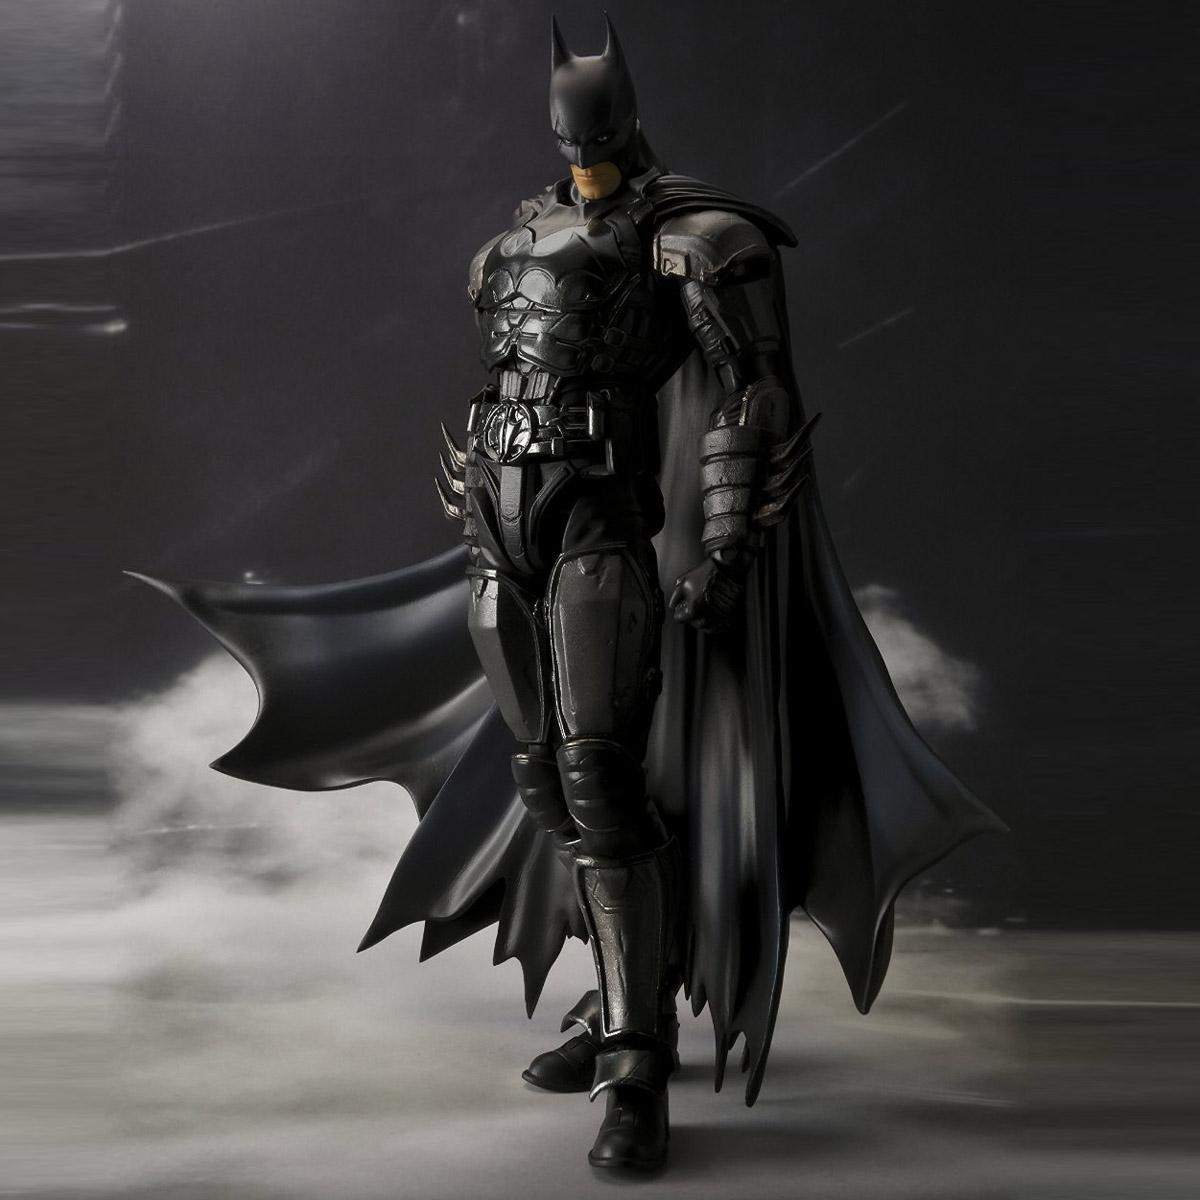 injustice gods among us batman sh figuarts action figure. Black Bedroom Furniture Sets. Home Design Ideas